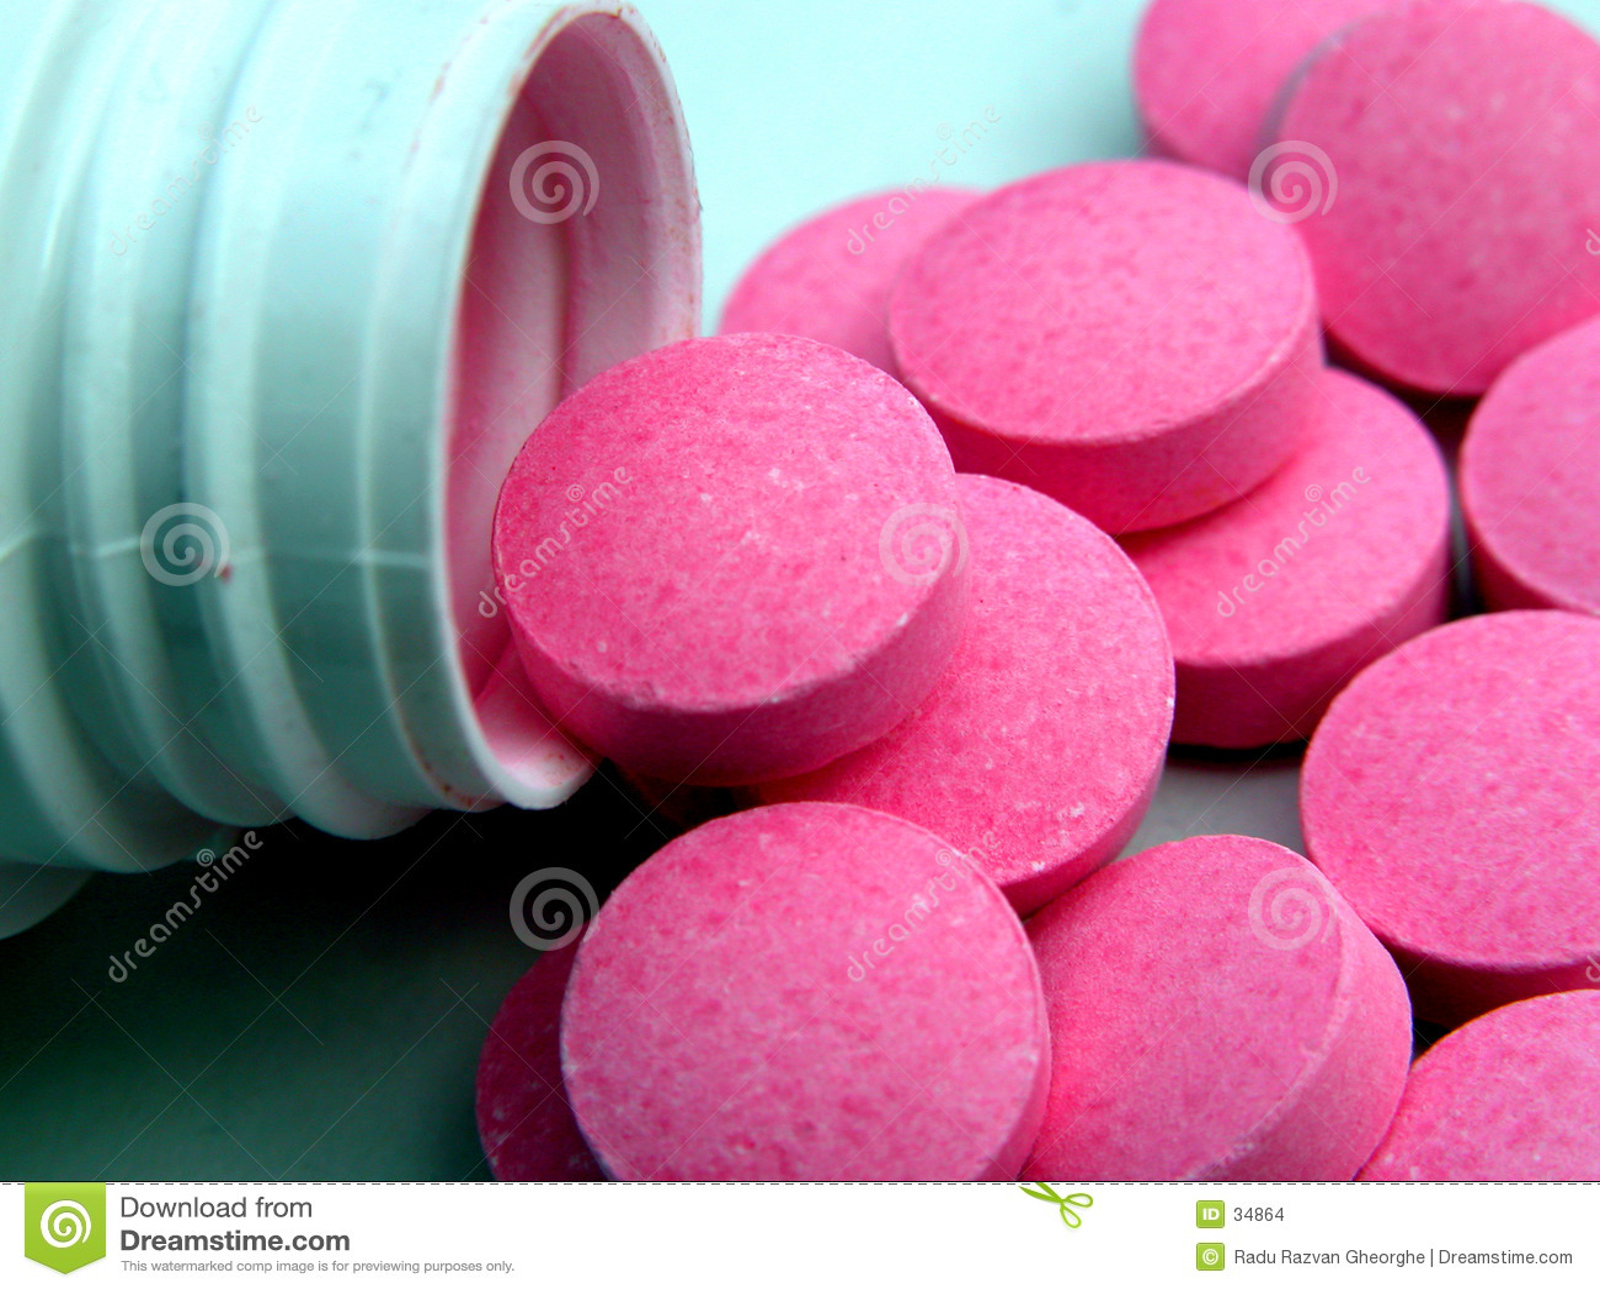 Os comprimidos fluem .....